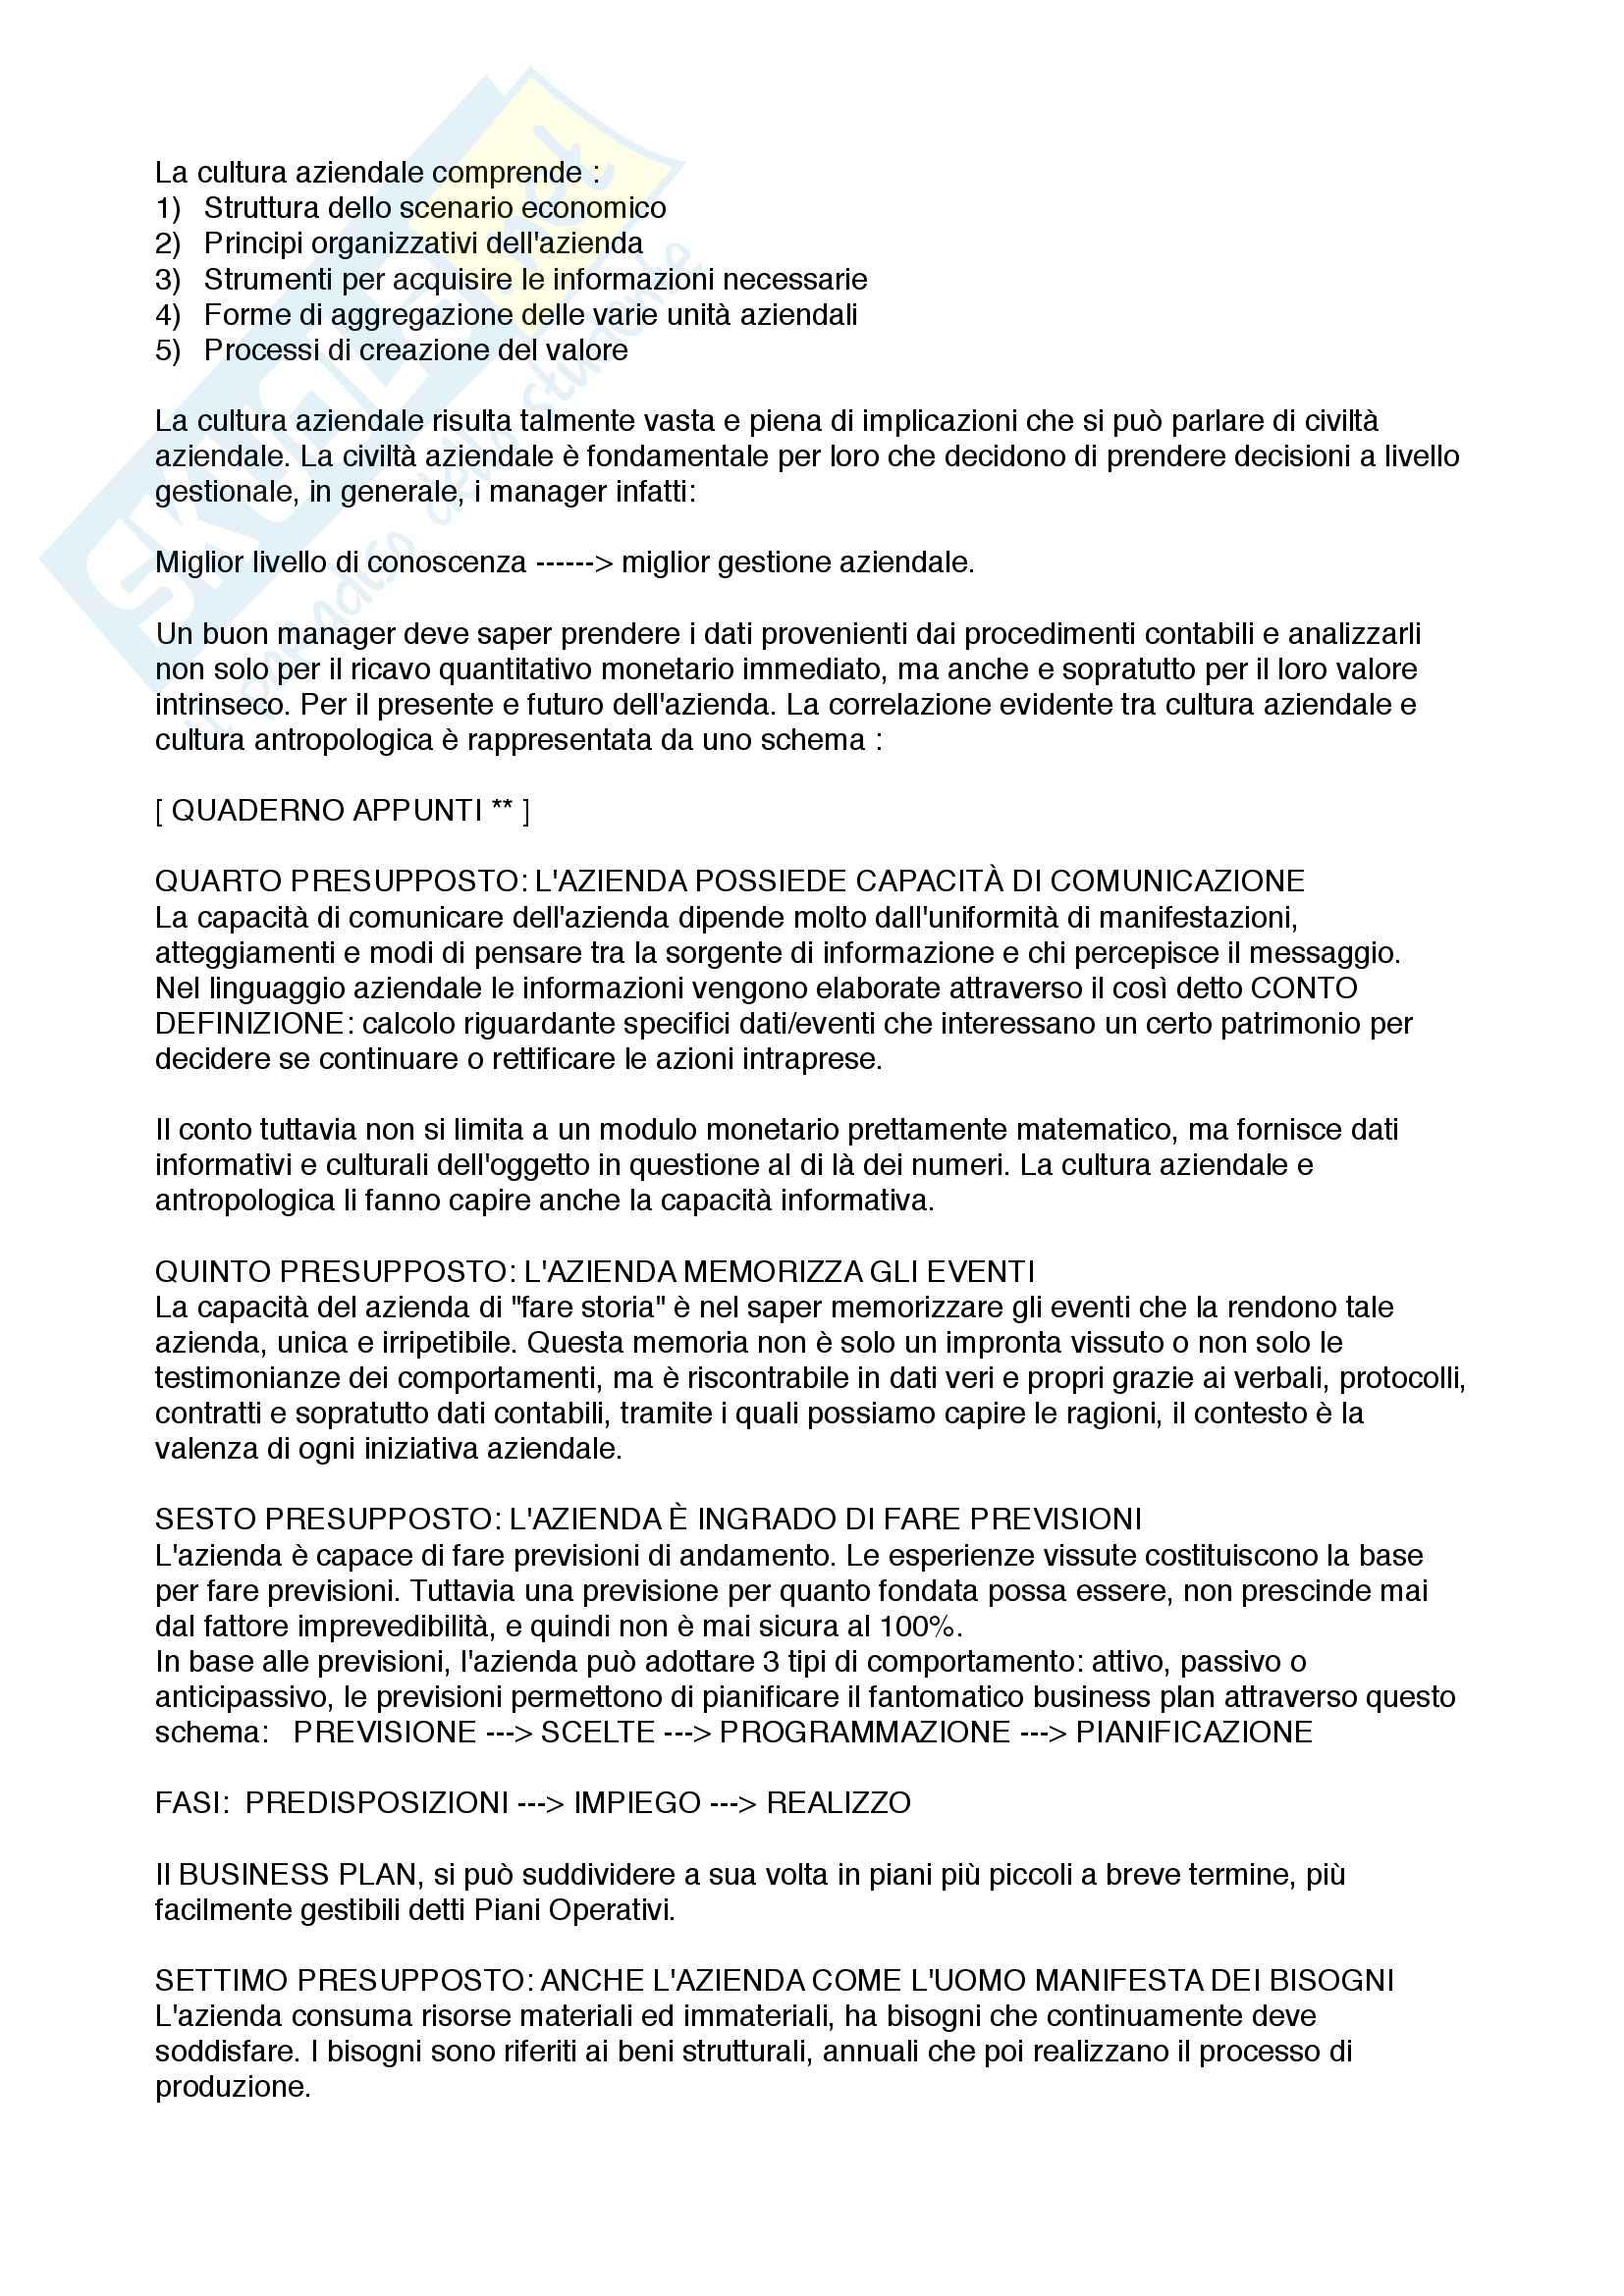 Economia Aziendale: Preparazione esame intermedio Pag. 6